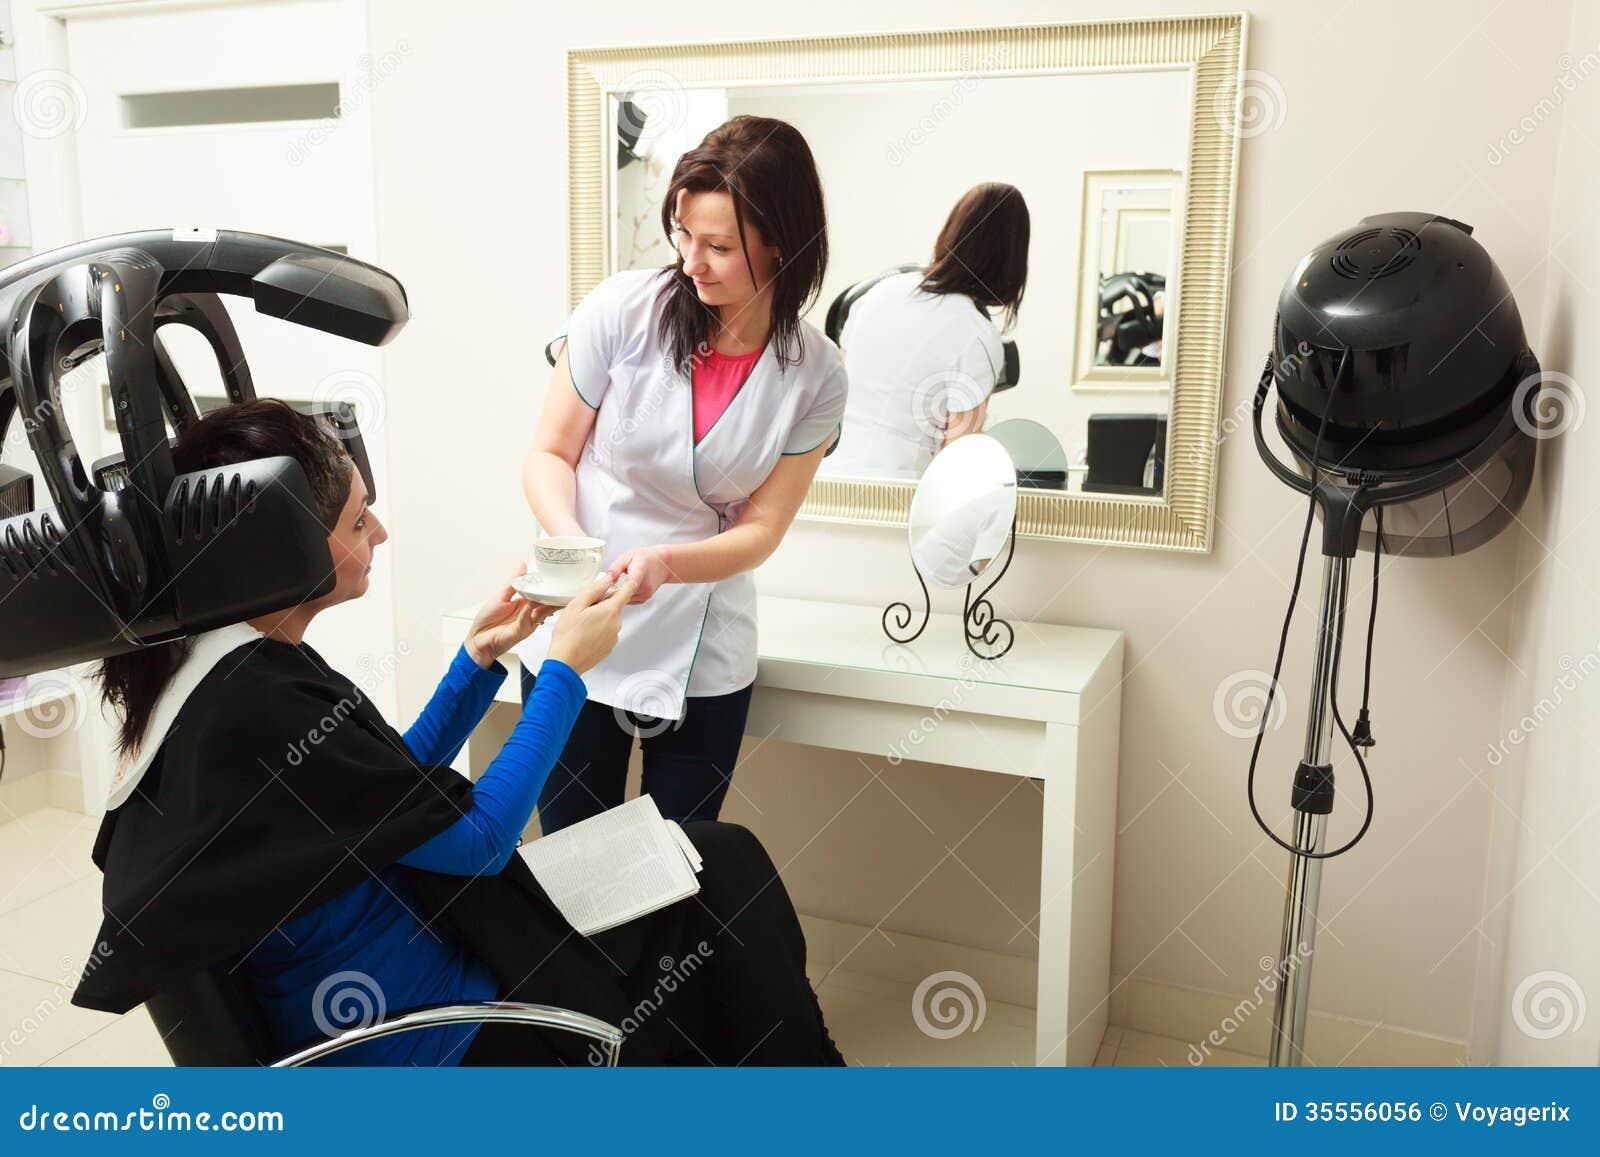 salon de coiffure coiffeur donnant la cliente de femme de caf de tasse quipement moderne. Black Bedroom Furniture Sets. Home Design Ideas